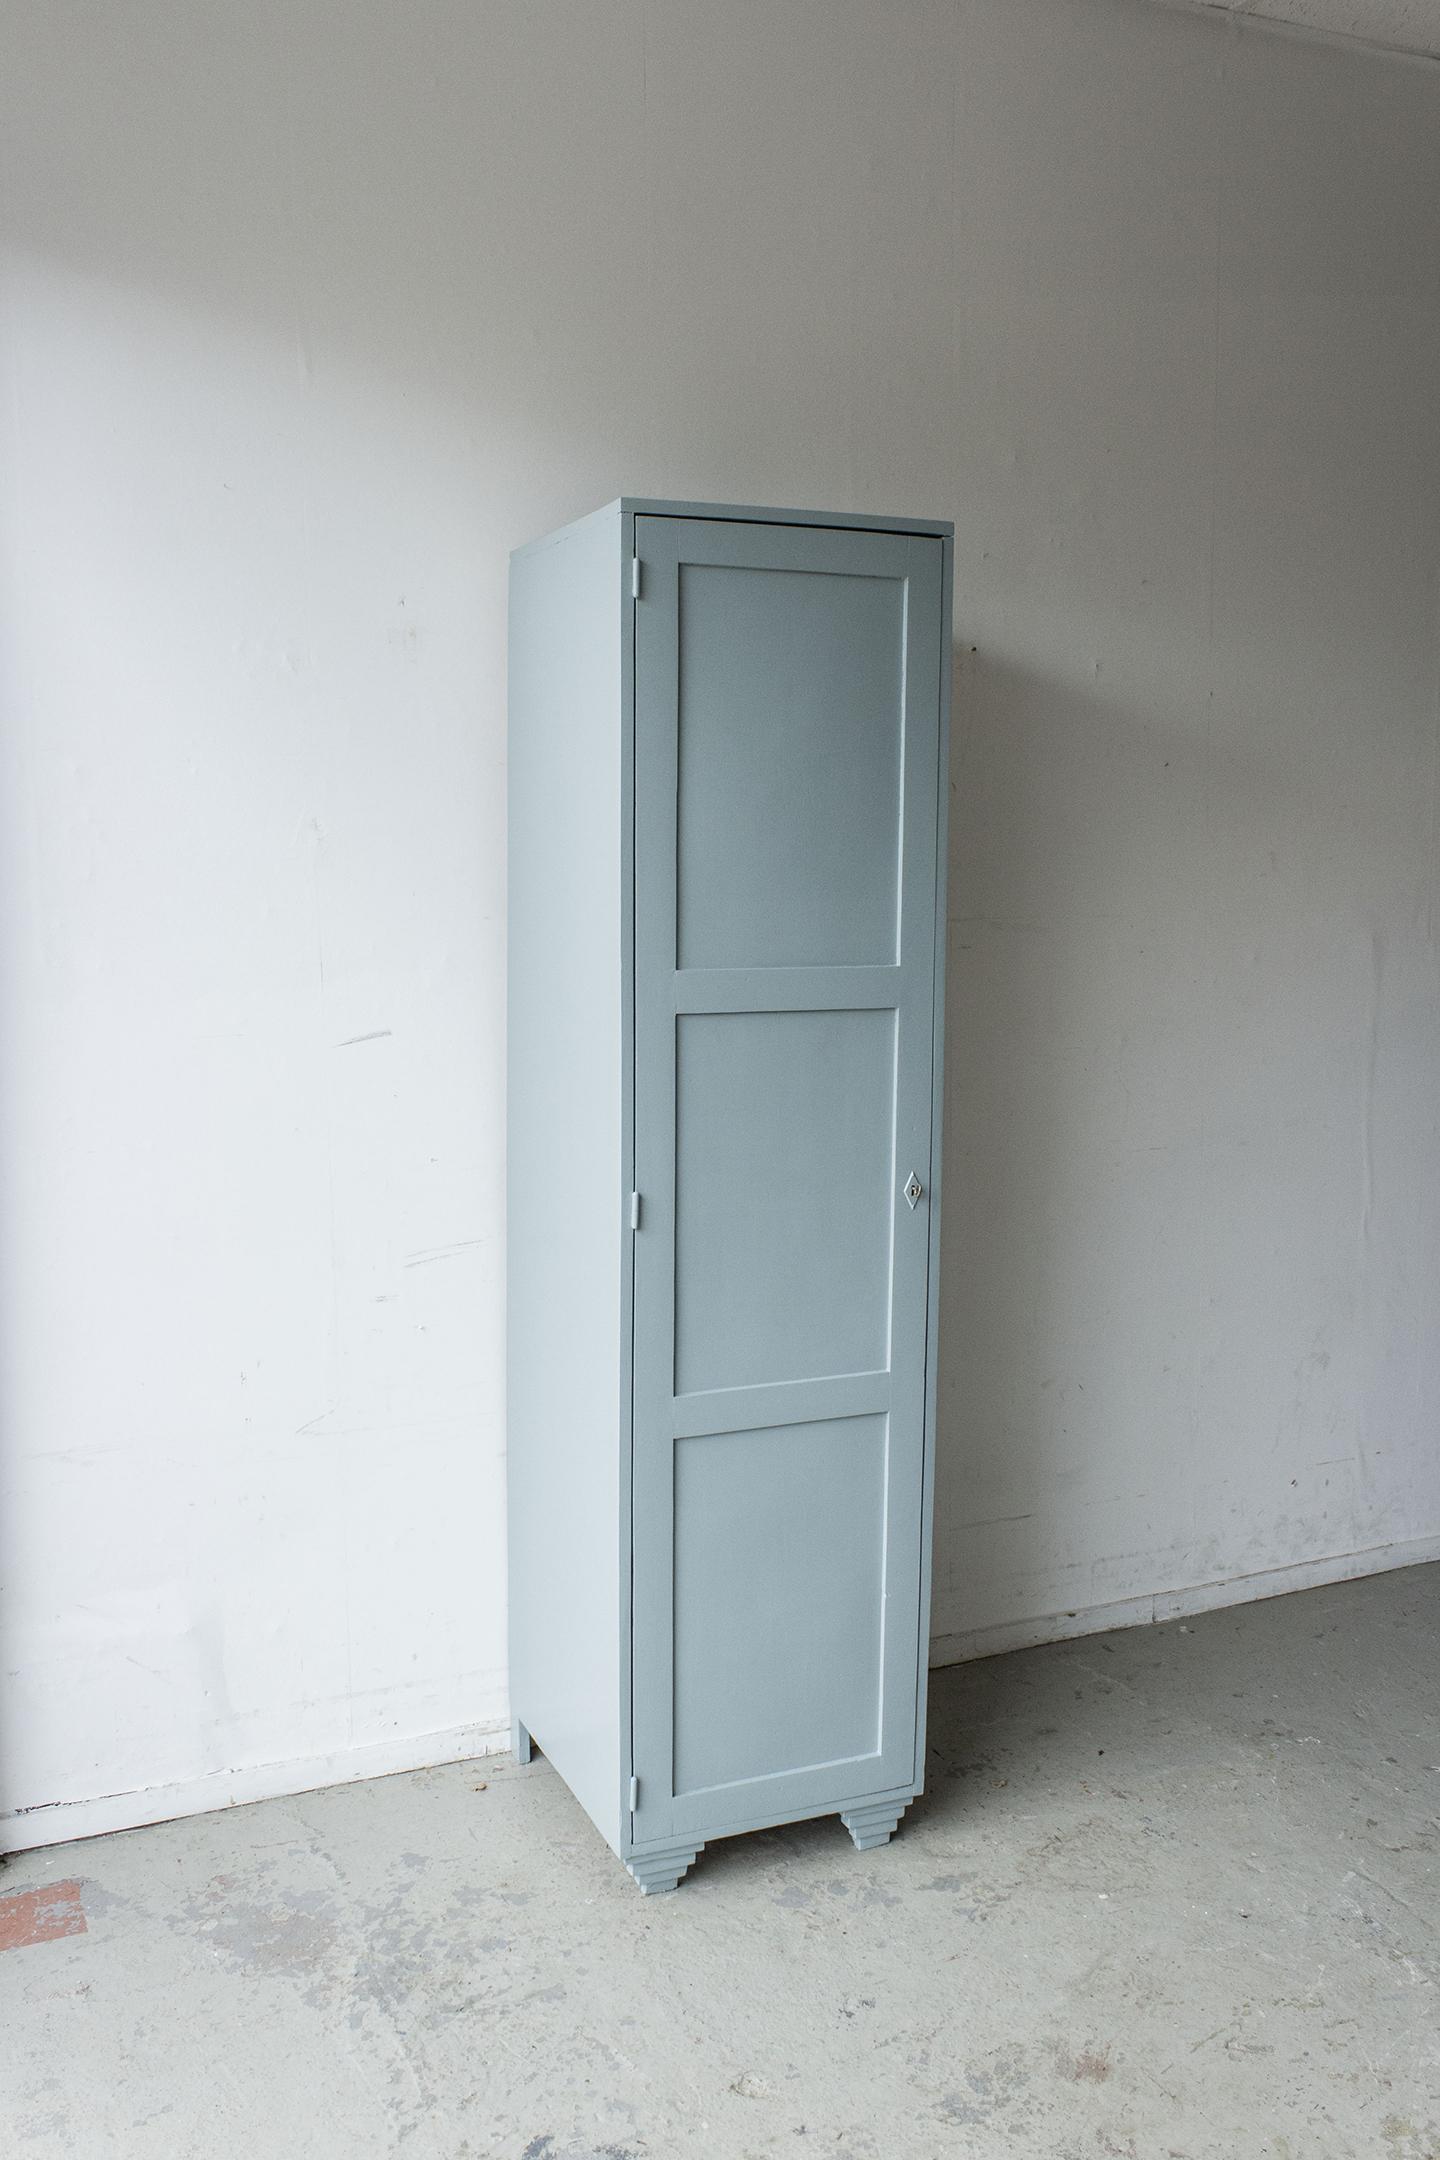 Grijsblauwe vintage houten locker-  Firma zoethout_12.jpg